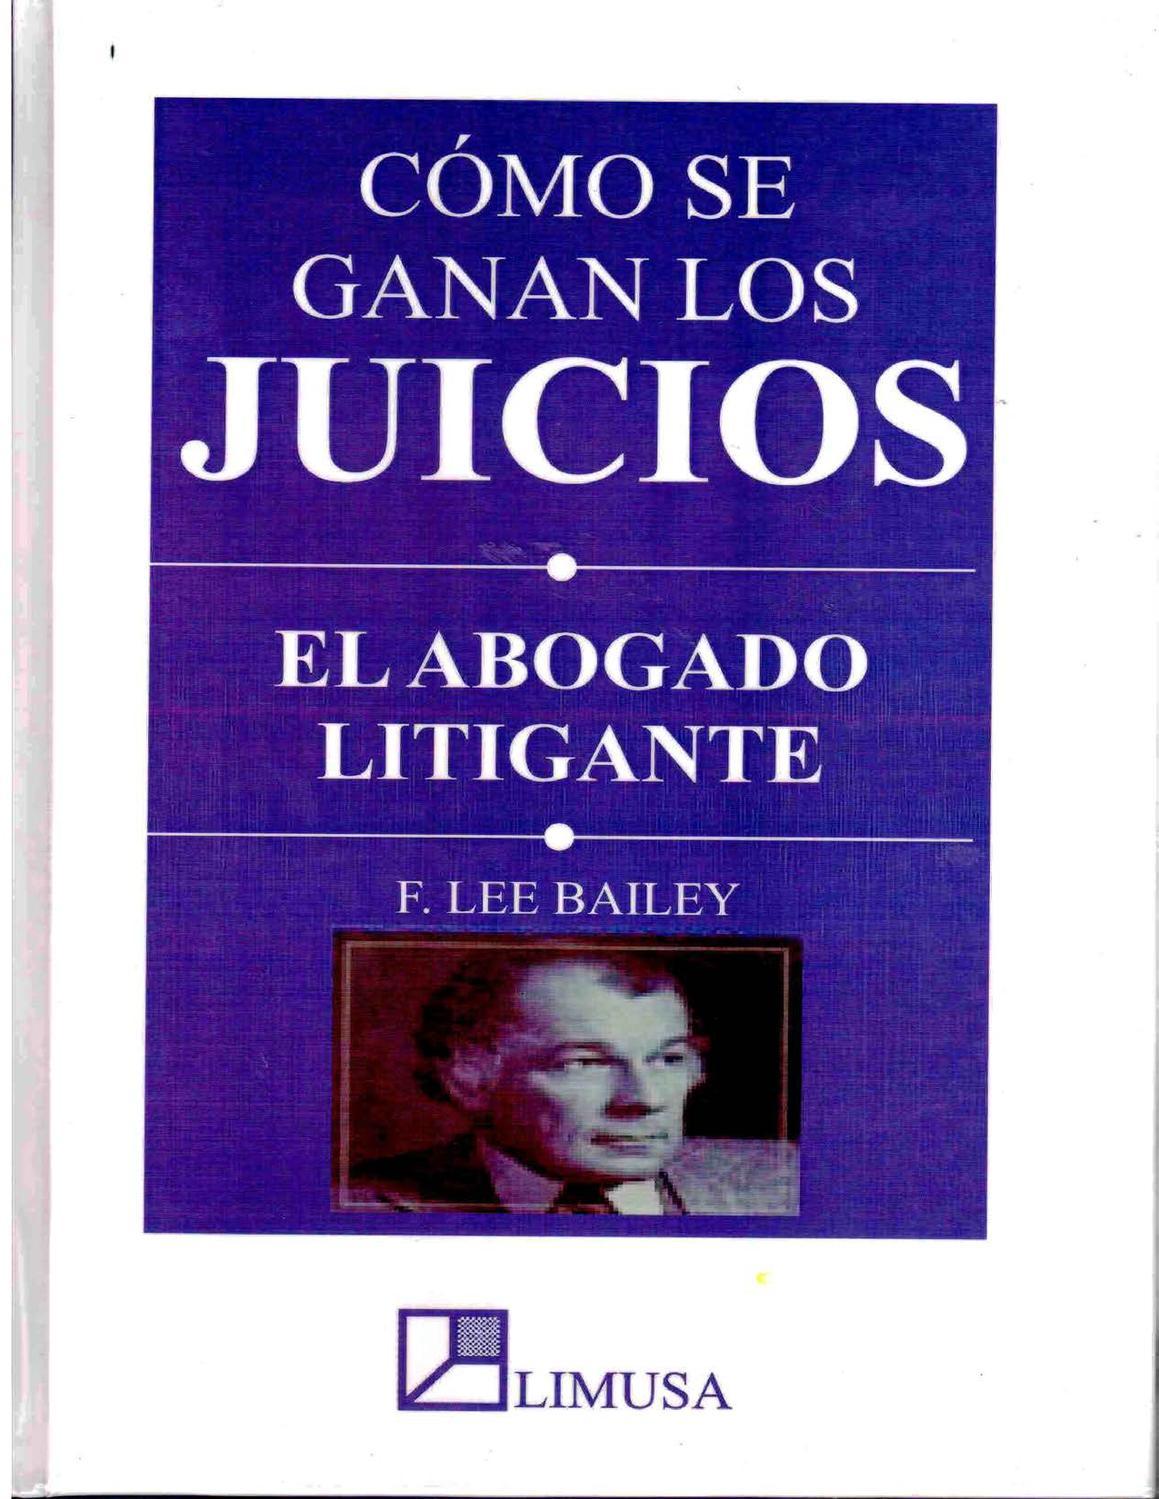 COMO SE GANAN LOS JUICIOS by SUSAN TAFUR - issuu